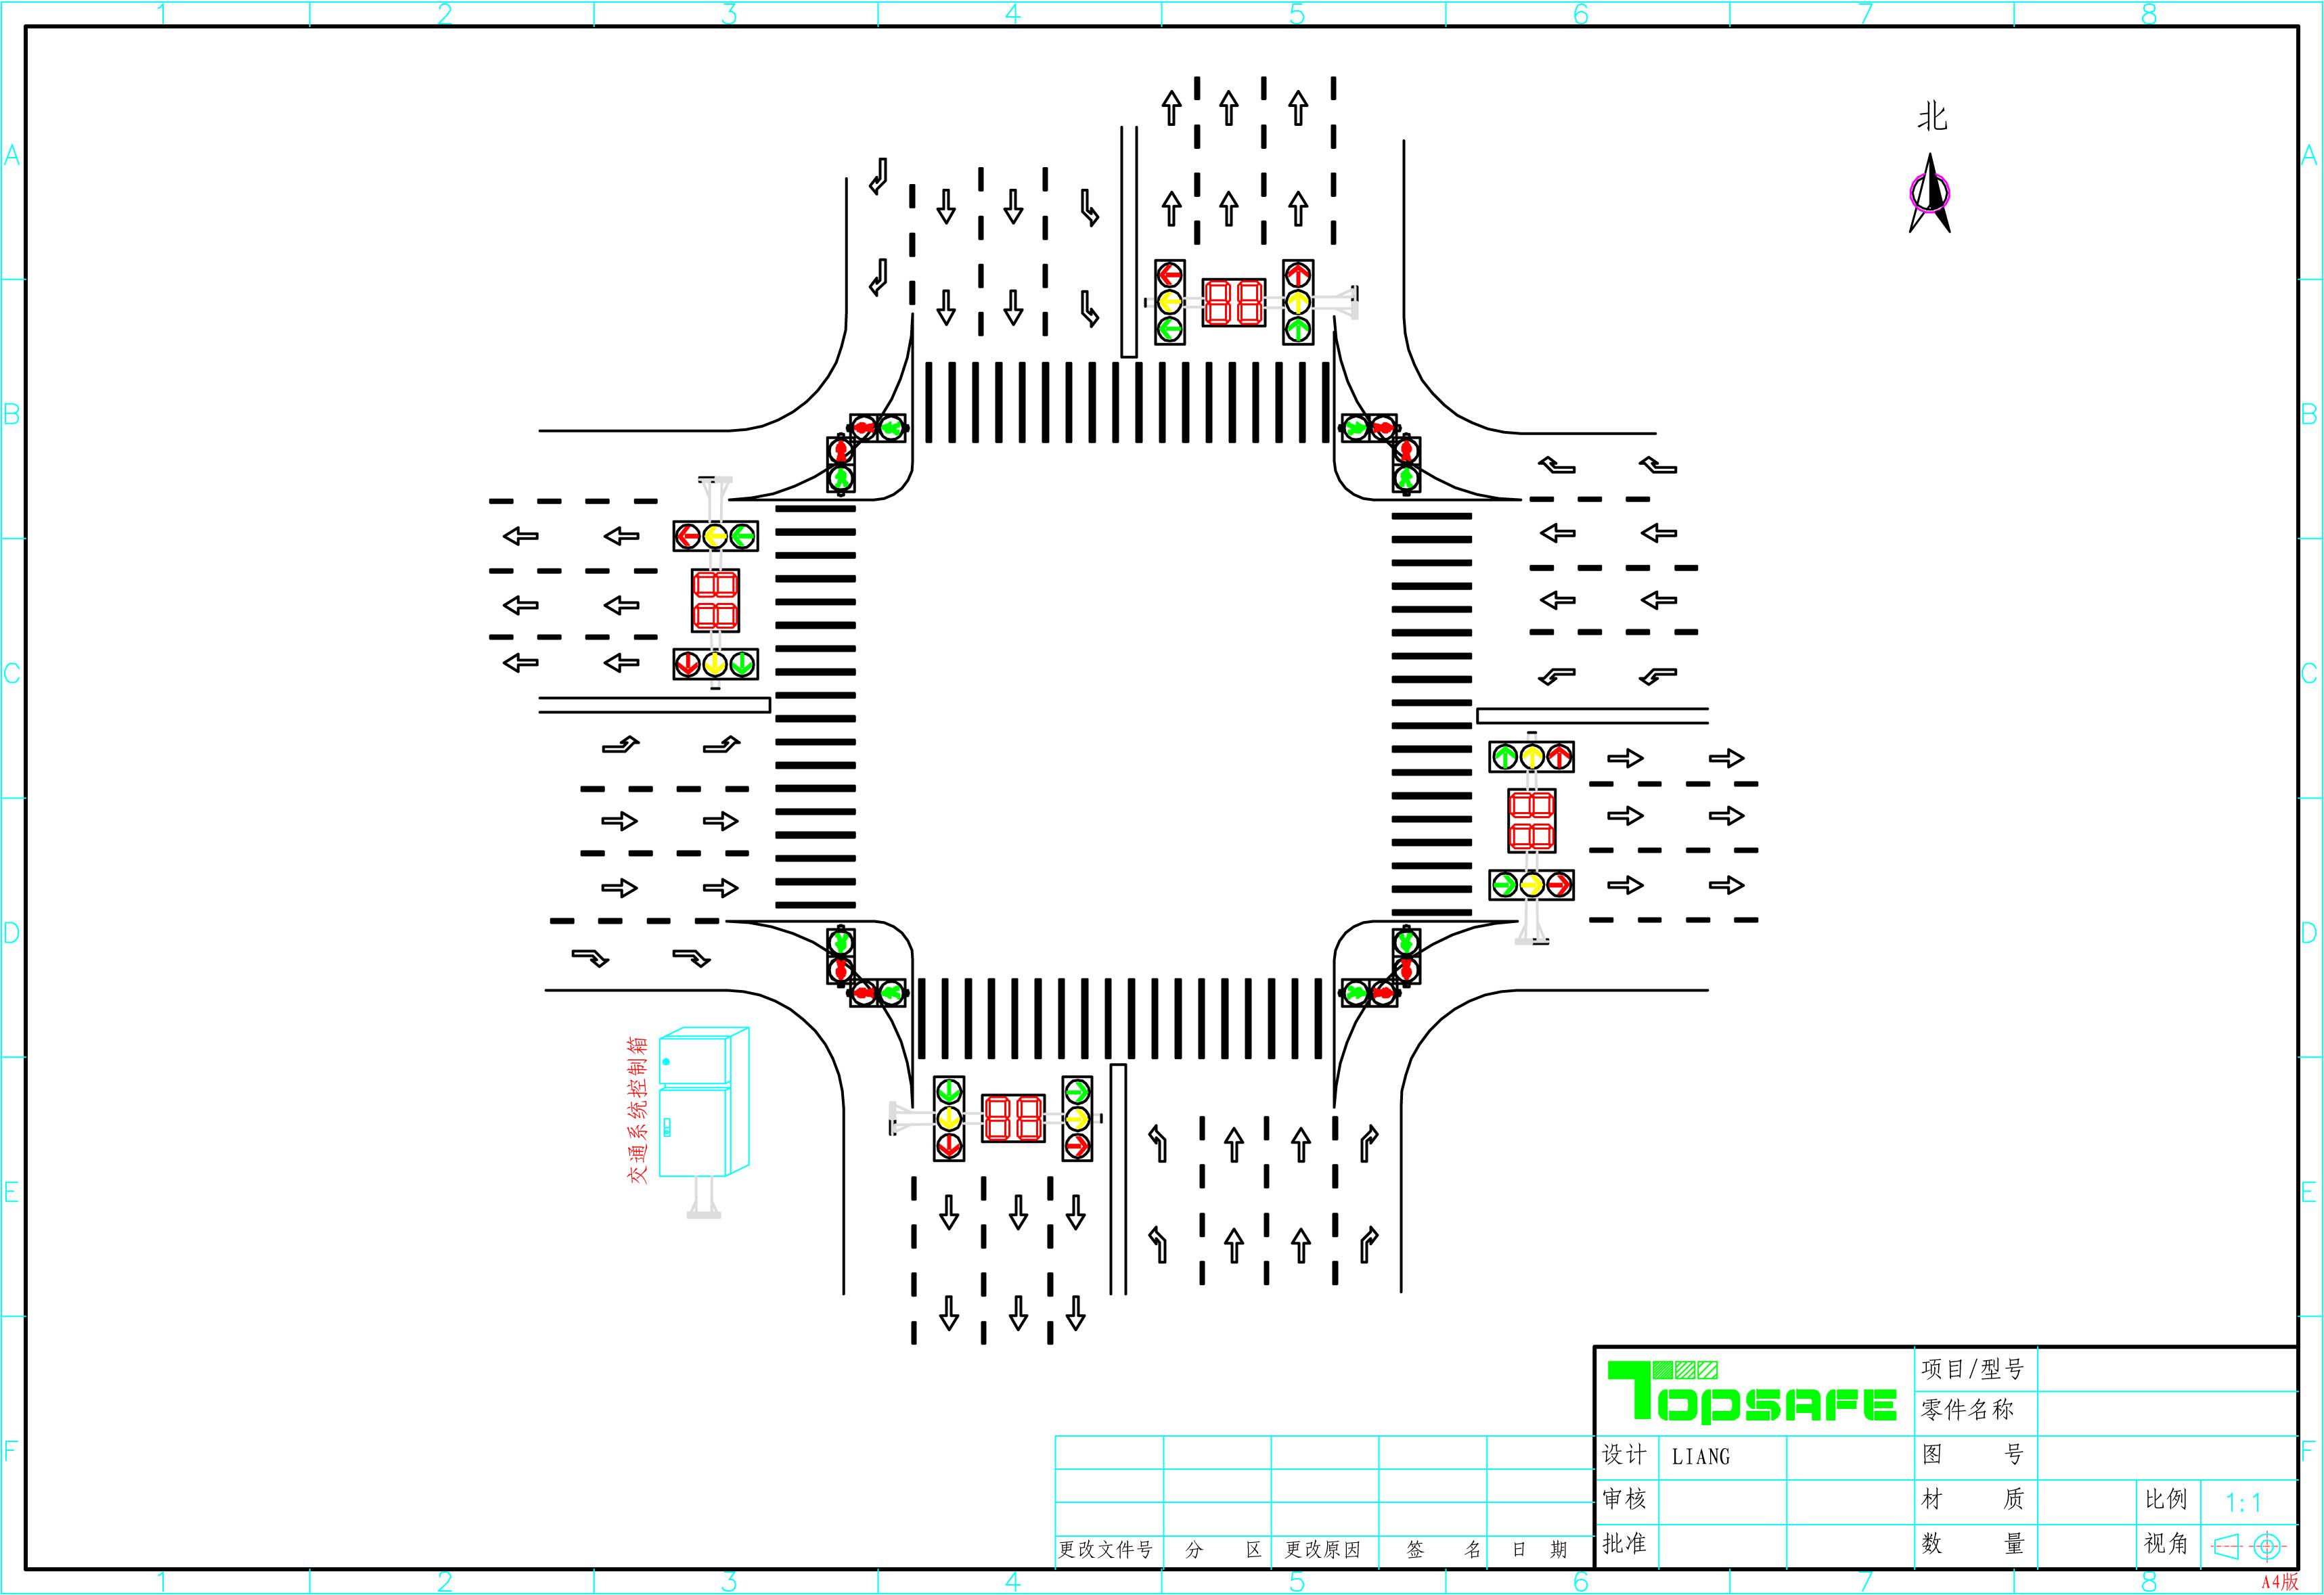 概述 近年来,随着经济发展,营运车辆拥有量的增加使道路市场必须规范有序,交通安全管理必须上一新台阶。按照高起点规划,高标准建设,高效能管理的思路,坚持把城市化作为城市经济的一大战略来抓,积极建设城区交通基础设施工程,建立交通安全管理网络。严格抓好交通管理,以加强交通队伍建设和行业文明建设。针对交通拥堵、交通秩序乱、易发生交通事故等的现状为出发点而对这些路口的信号灯系统进行增设。 1、设计依据 GA/T47-93 《交通信号机技术要求与测试方法》 GB 25280-2010 《道路交通信号机标准》 GB1